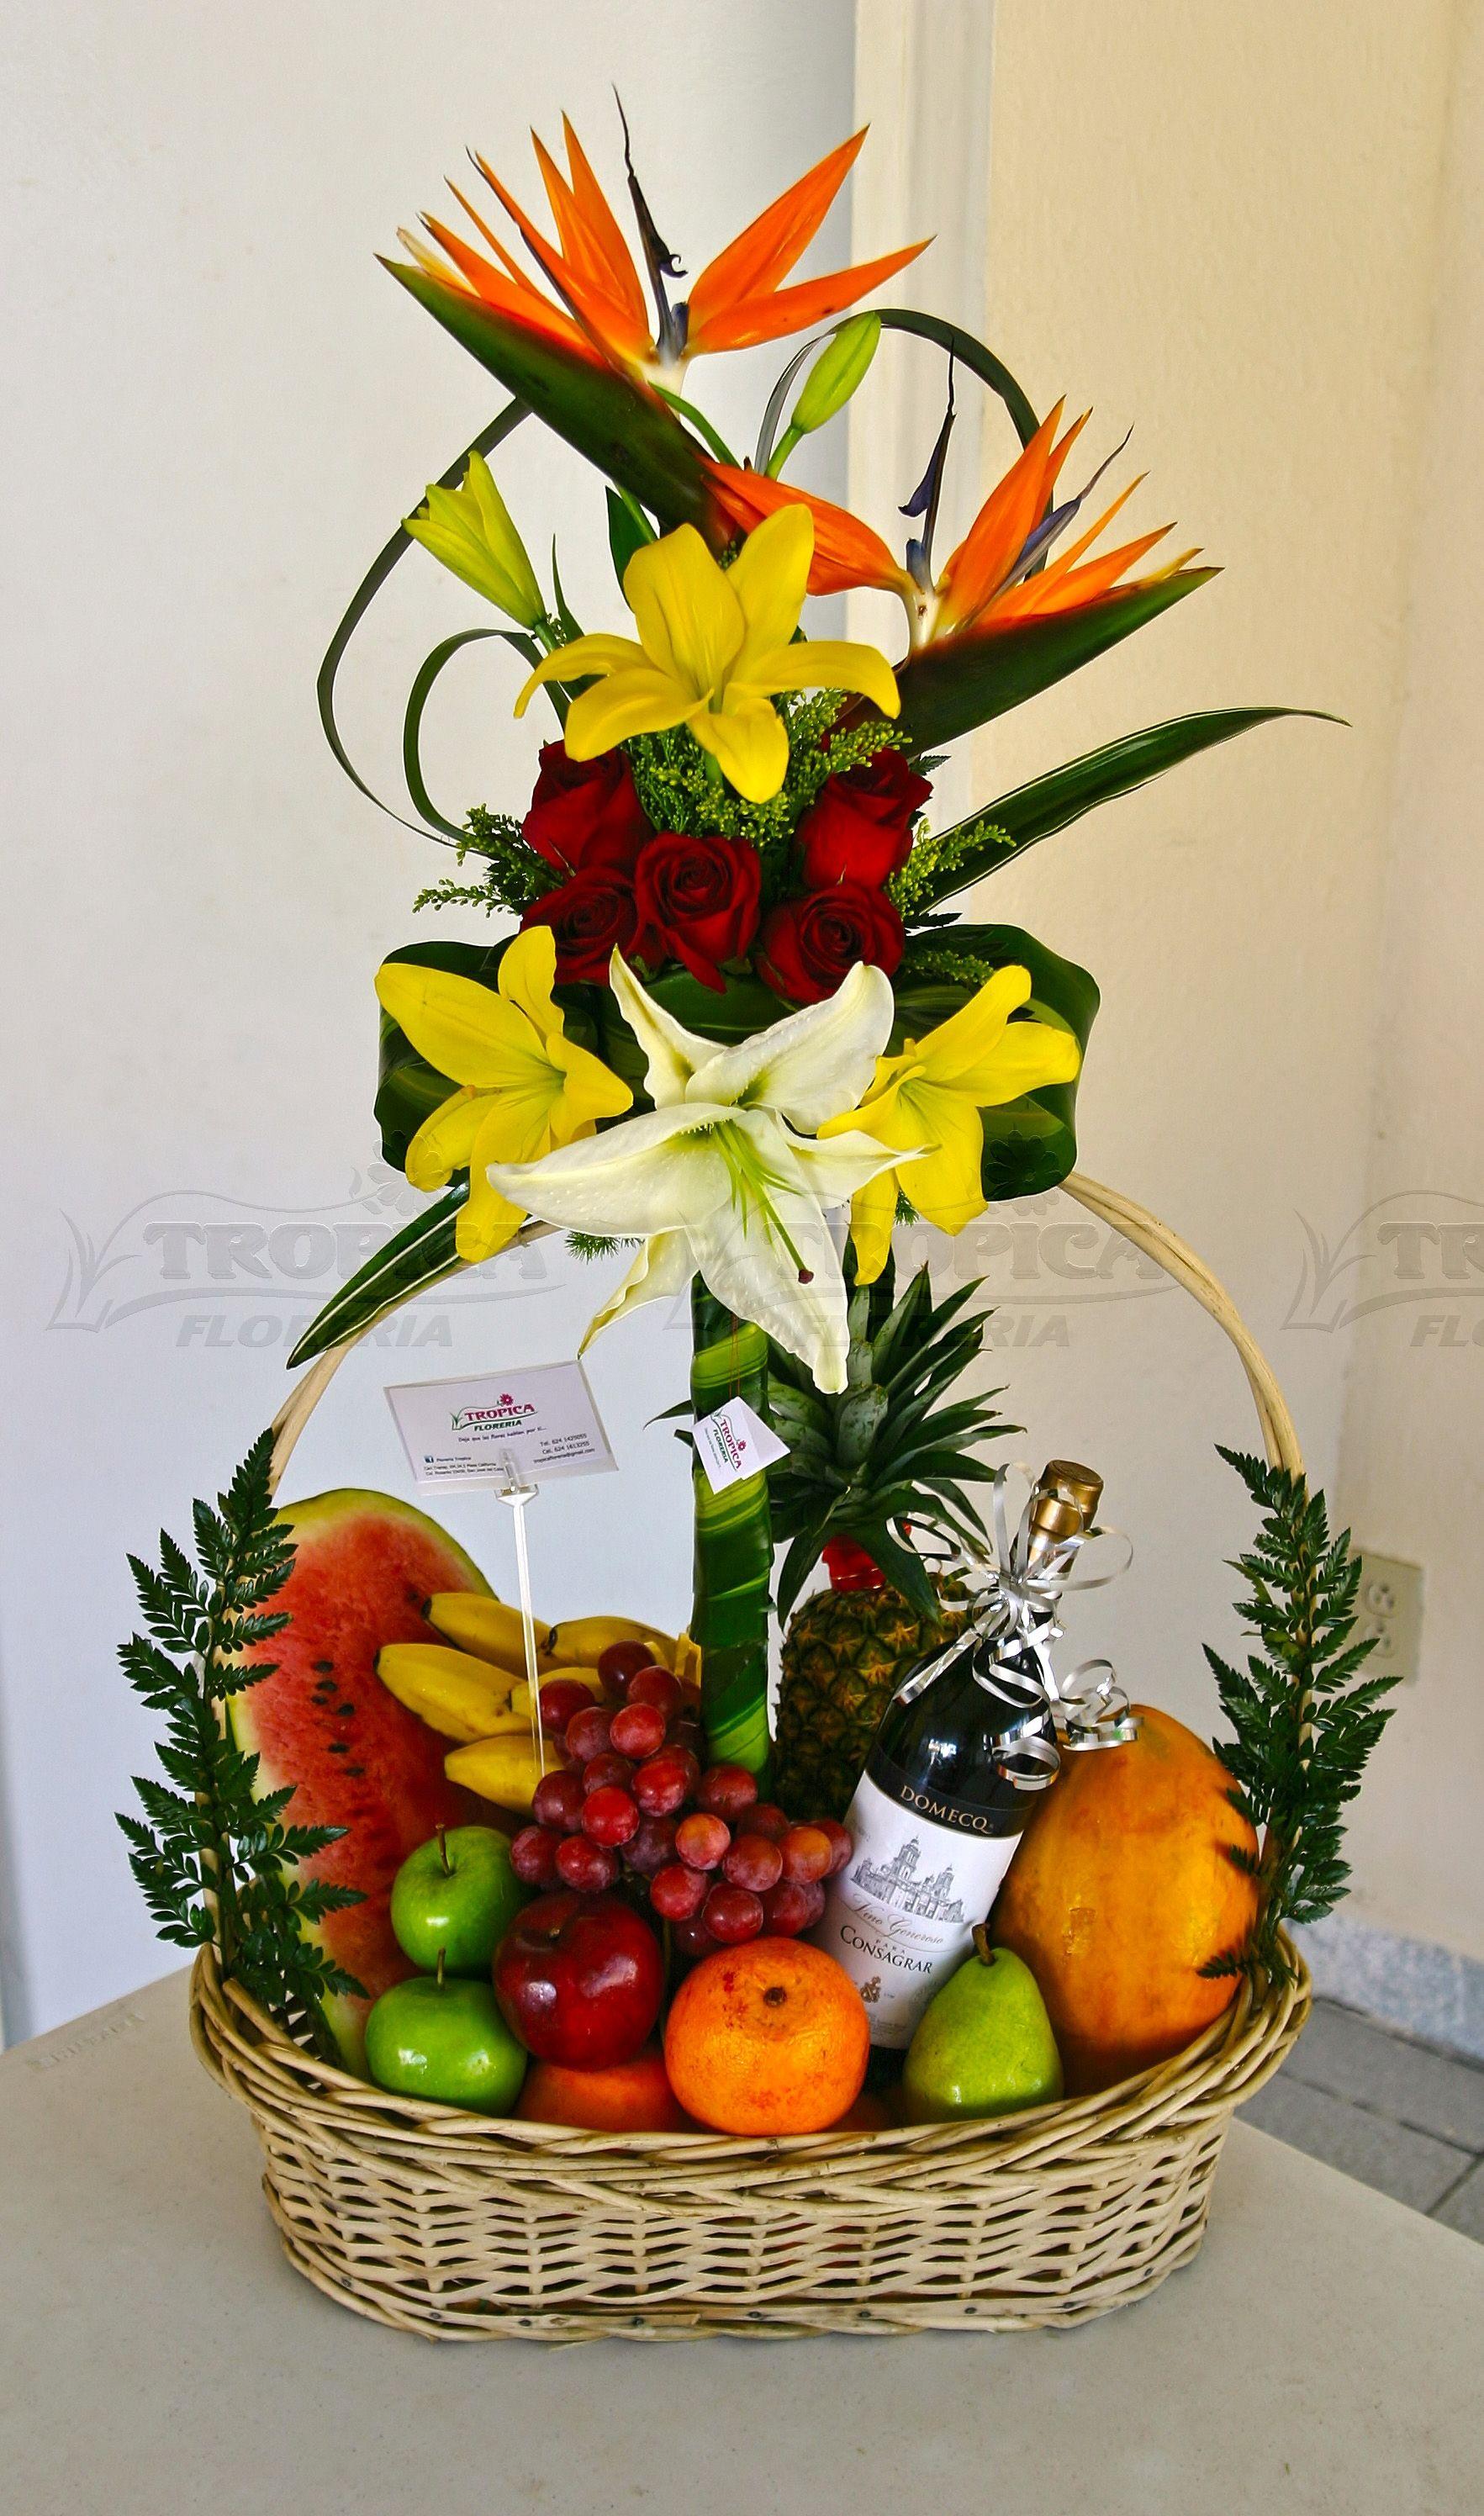 Arreglo de frutas con flores tropica floreria arreglos florales floral arreglos y - Cuchillos para decorar fruta ...